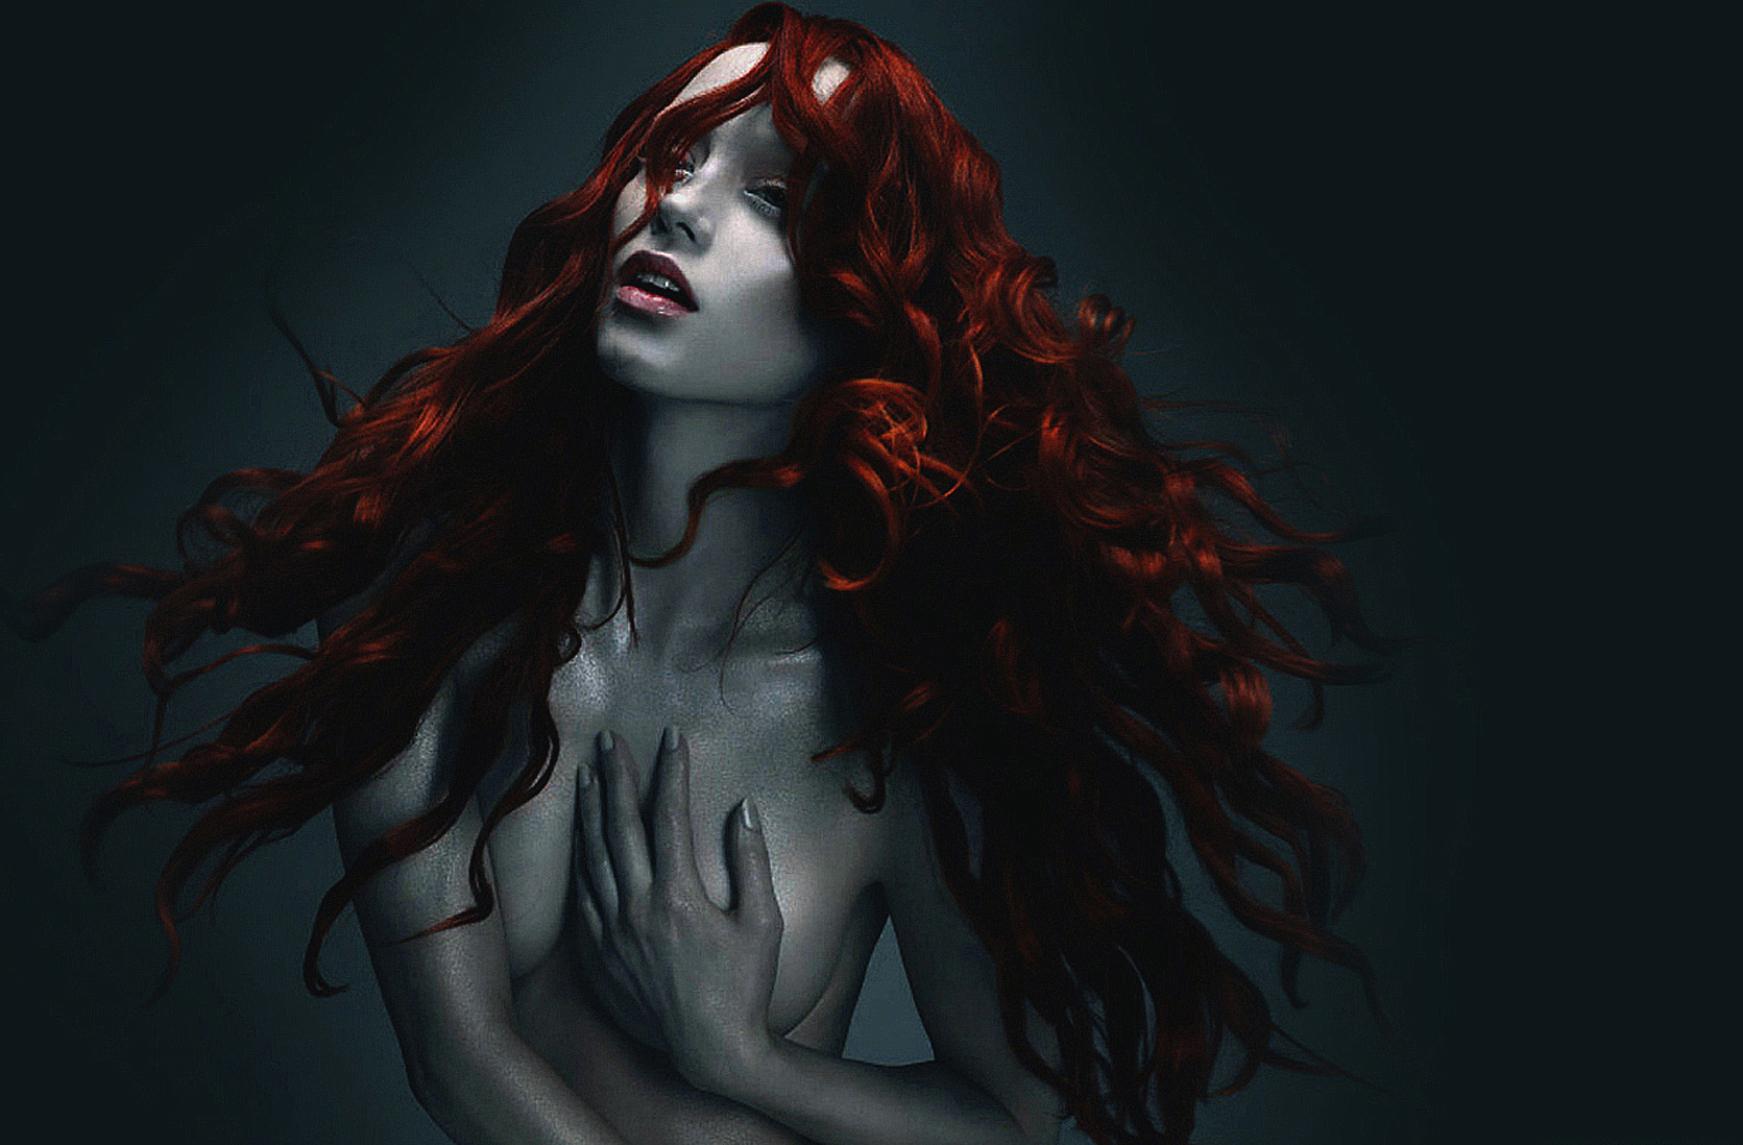 11.nudo rosso 1235 x 835